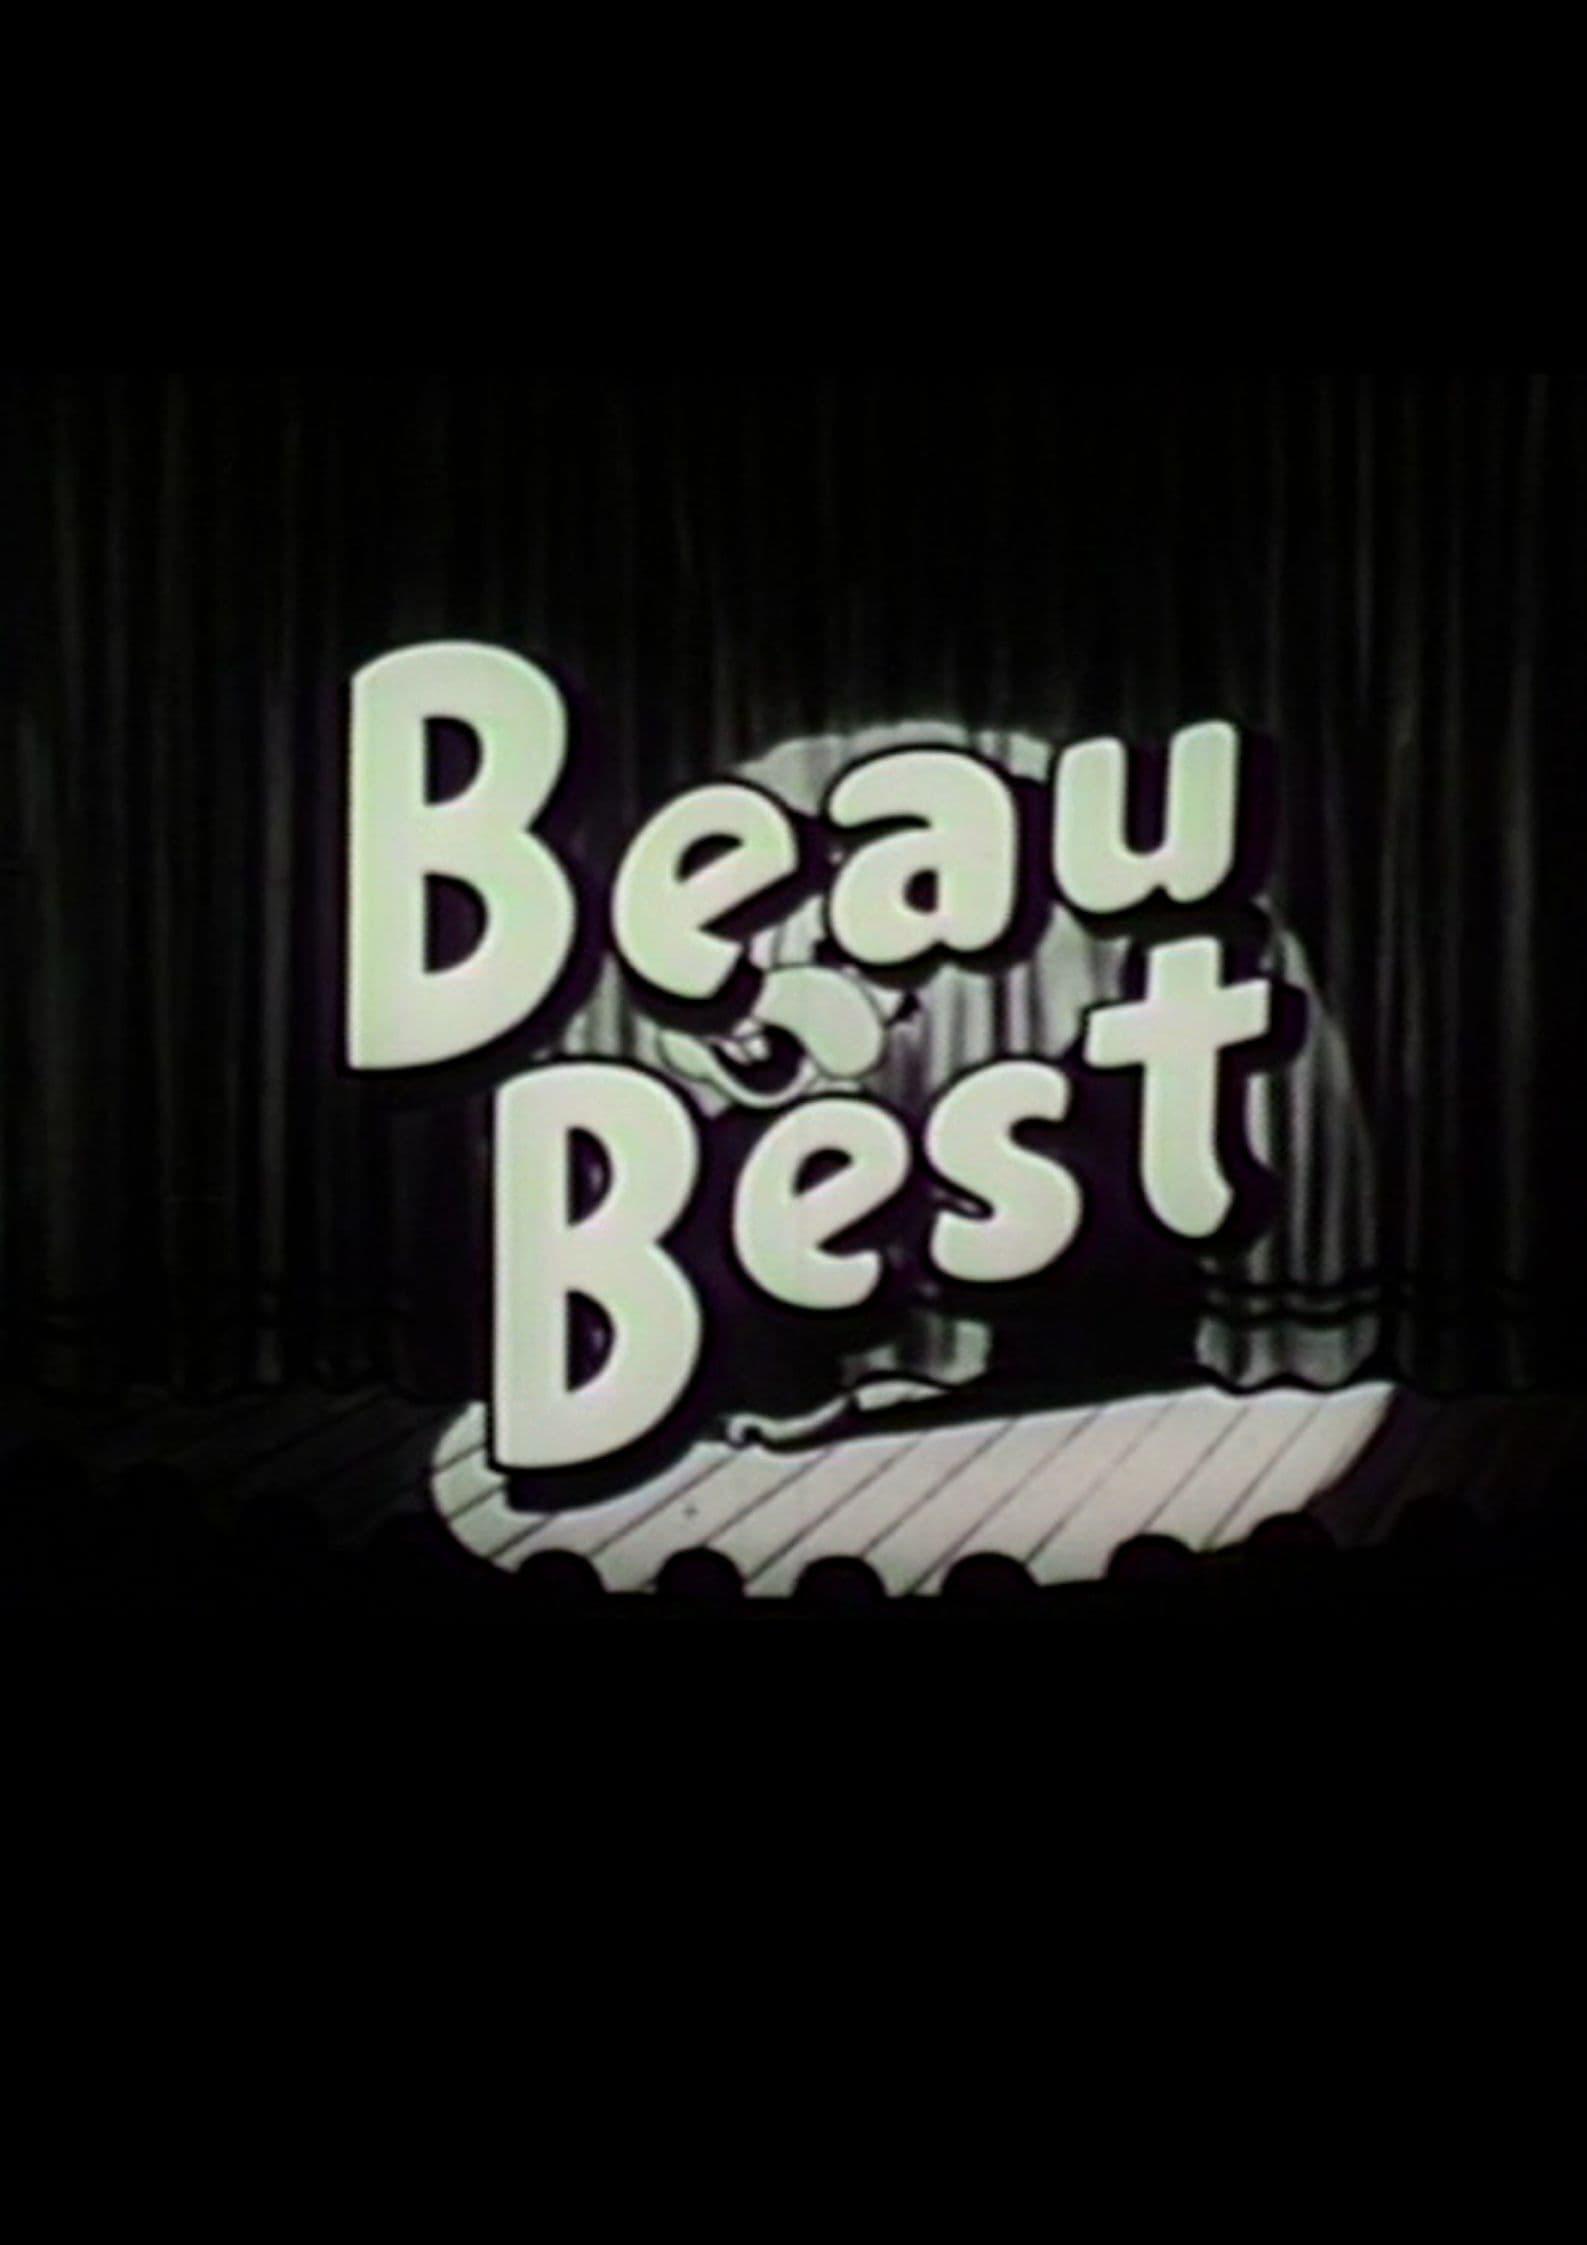 Beau Best